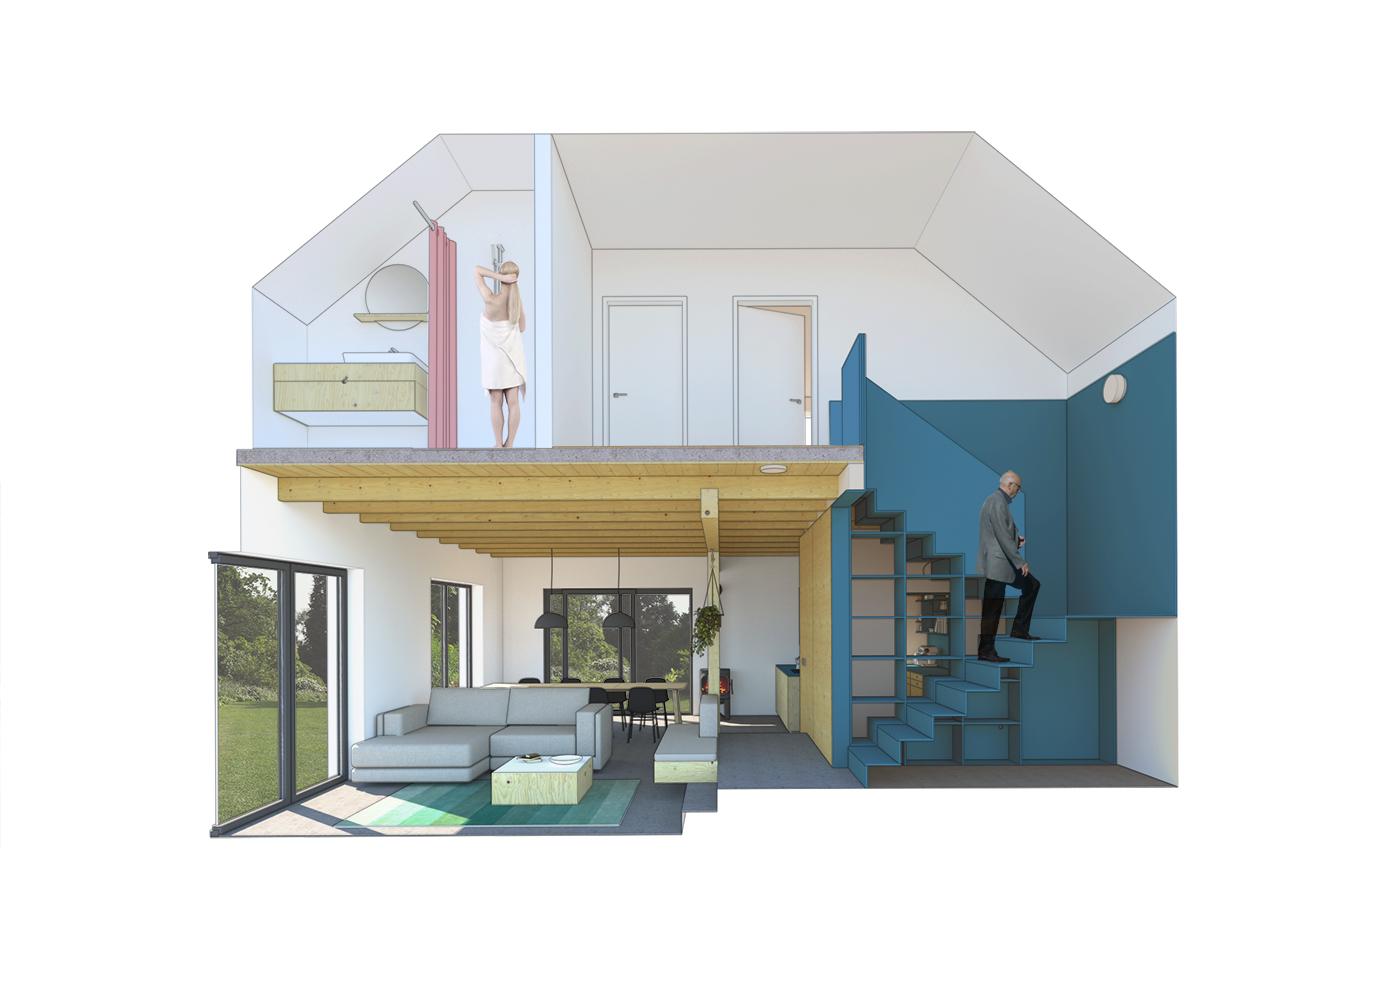 noiz-architekti-chata-telgart-02